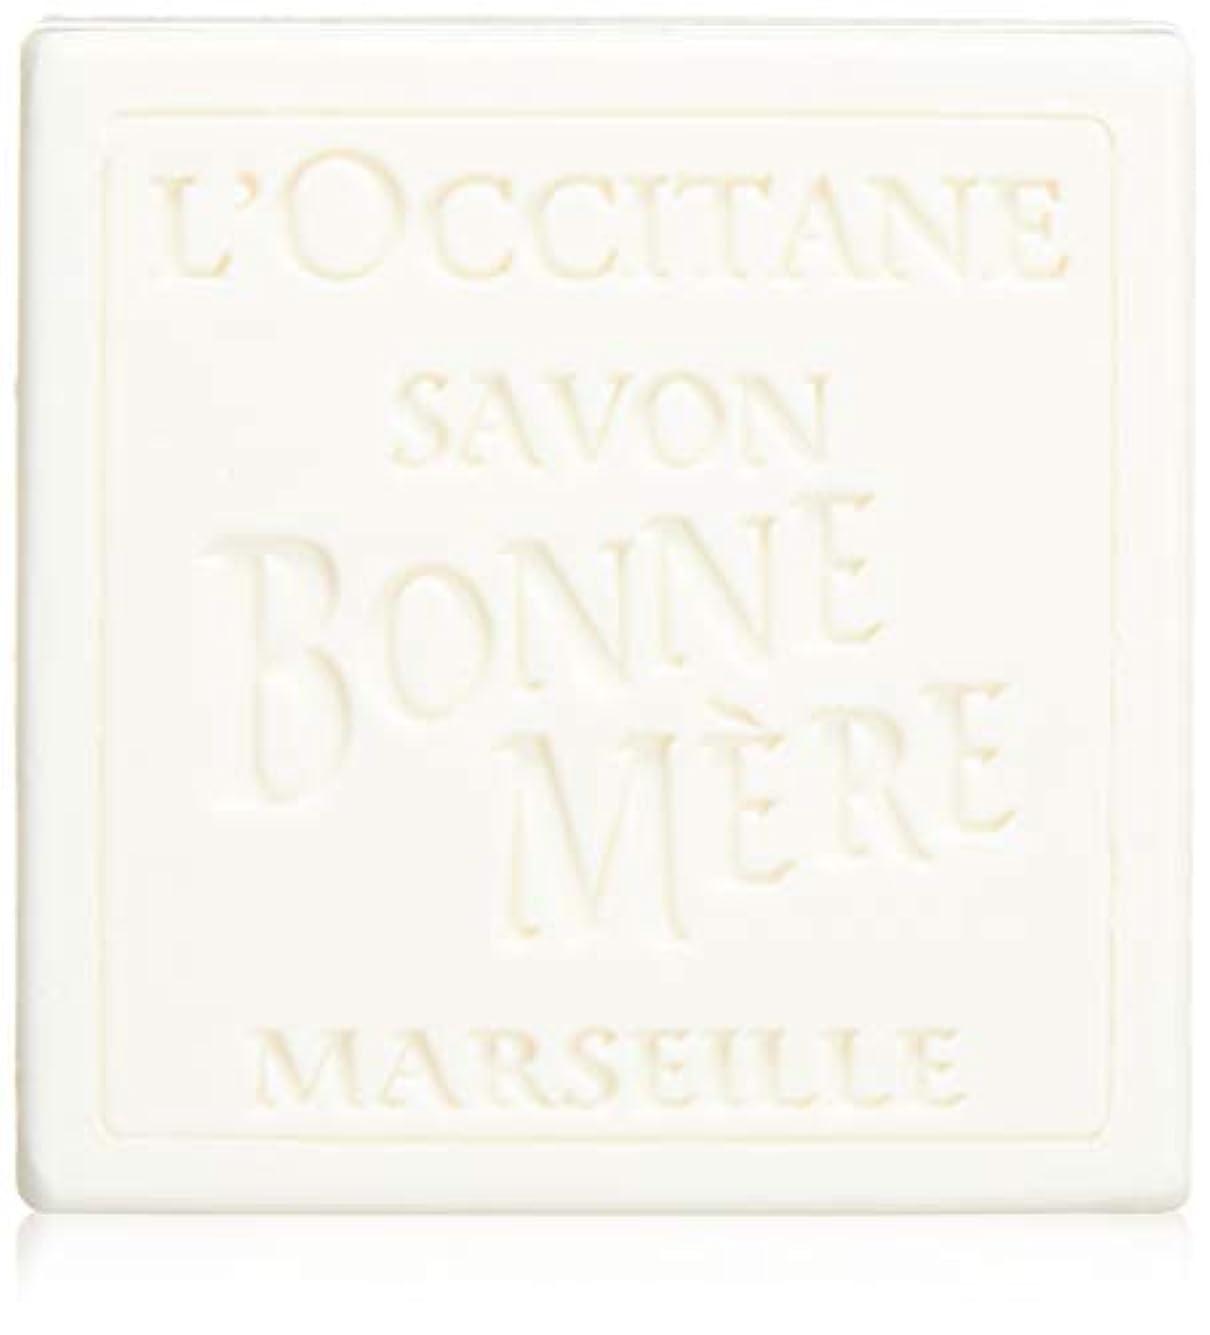 開梱に渡ってジャズロクシタン(L'OCCITANE) ボンメールソープ ミルク 100g